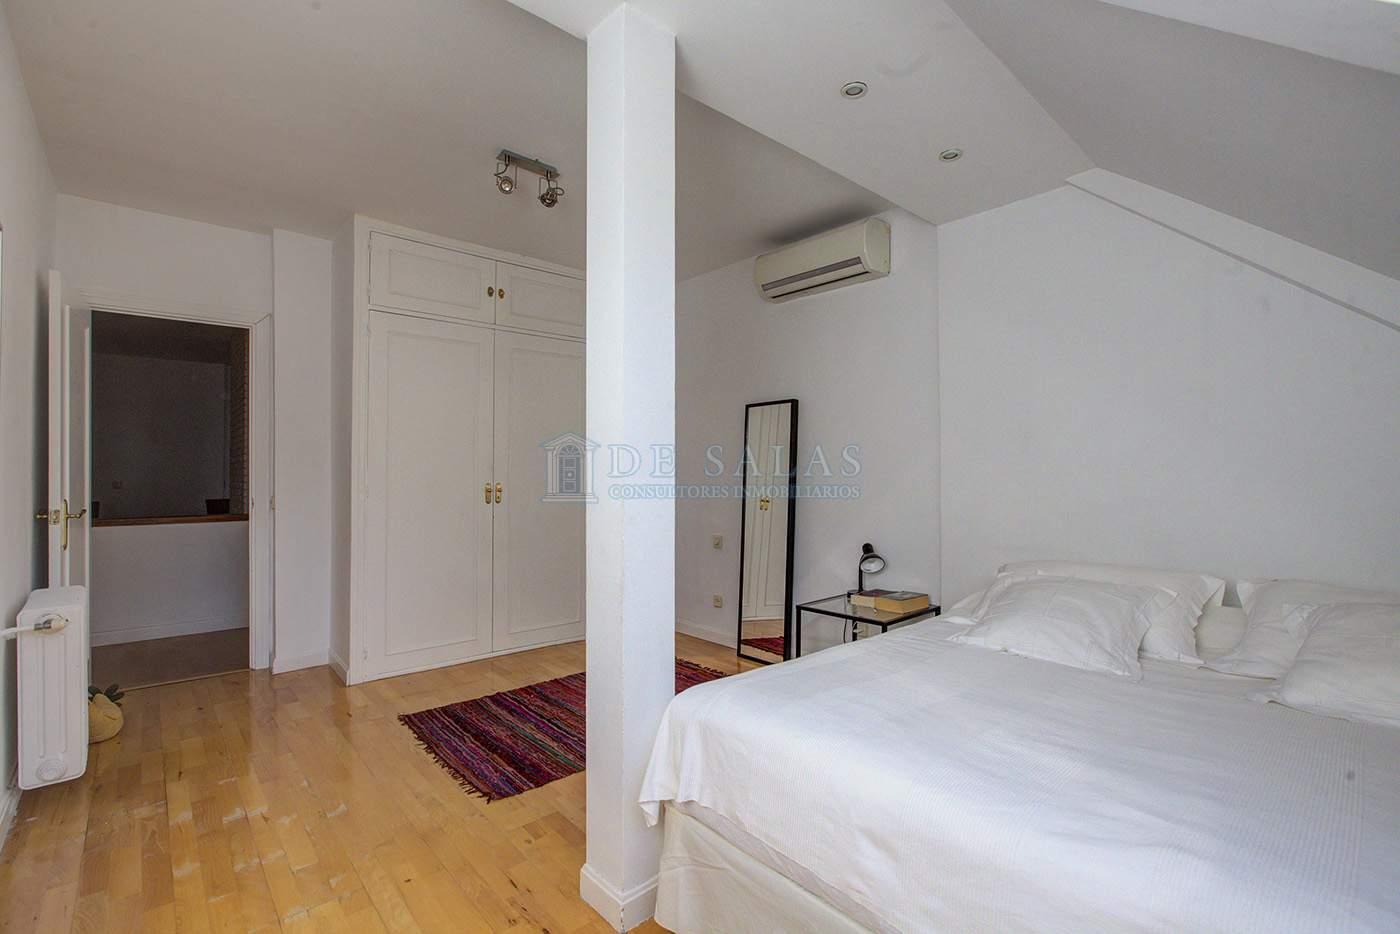 Dormitorio-IMG_9852_3_4 copia